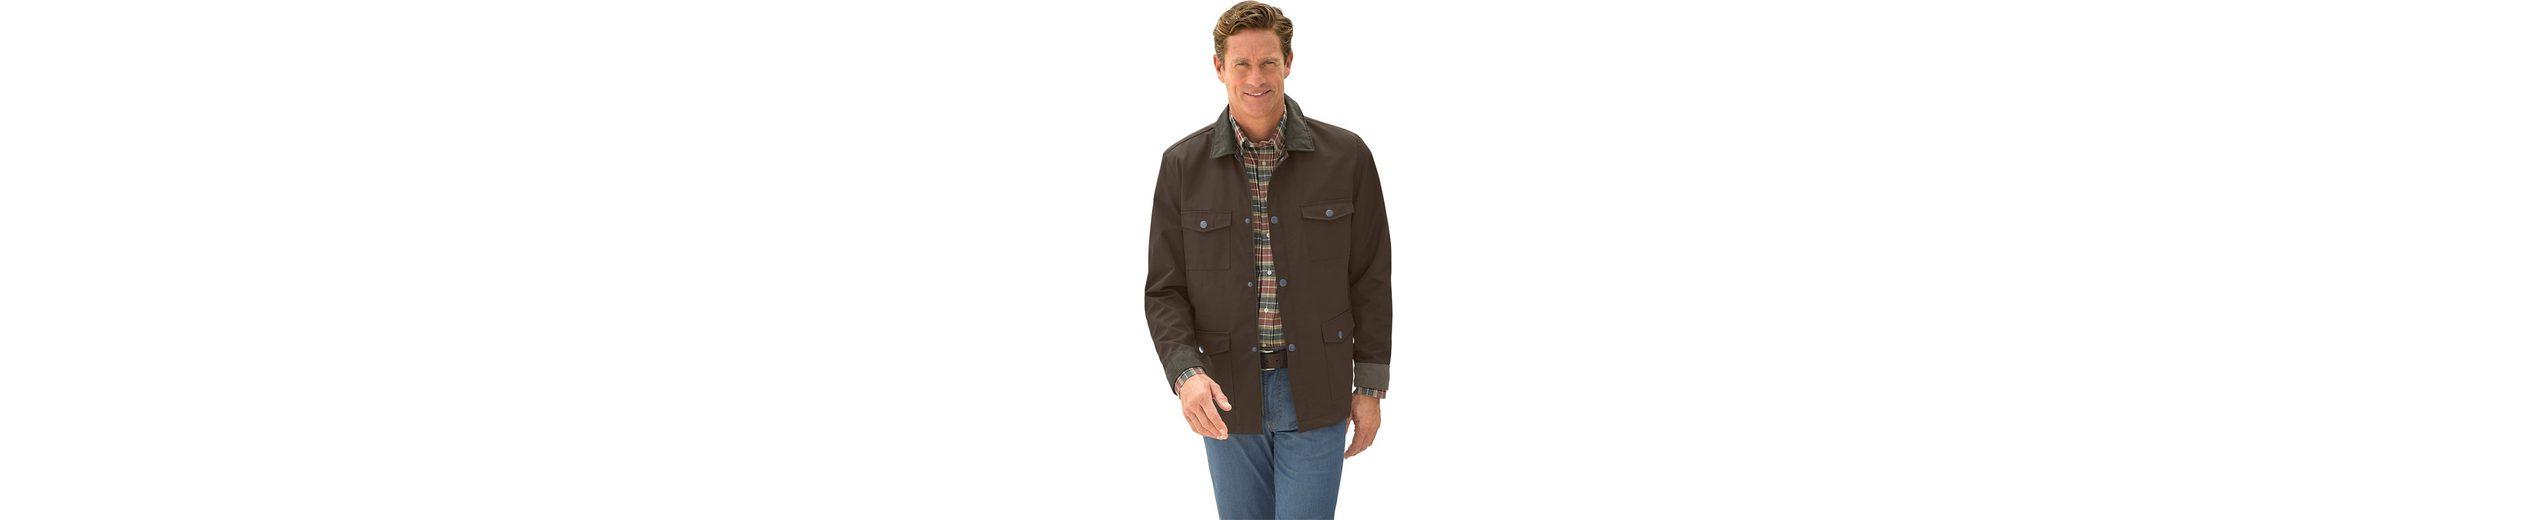 Classic Jacke in strapazierfähiger Qualität Schnelle Lieferung hCEFV